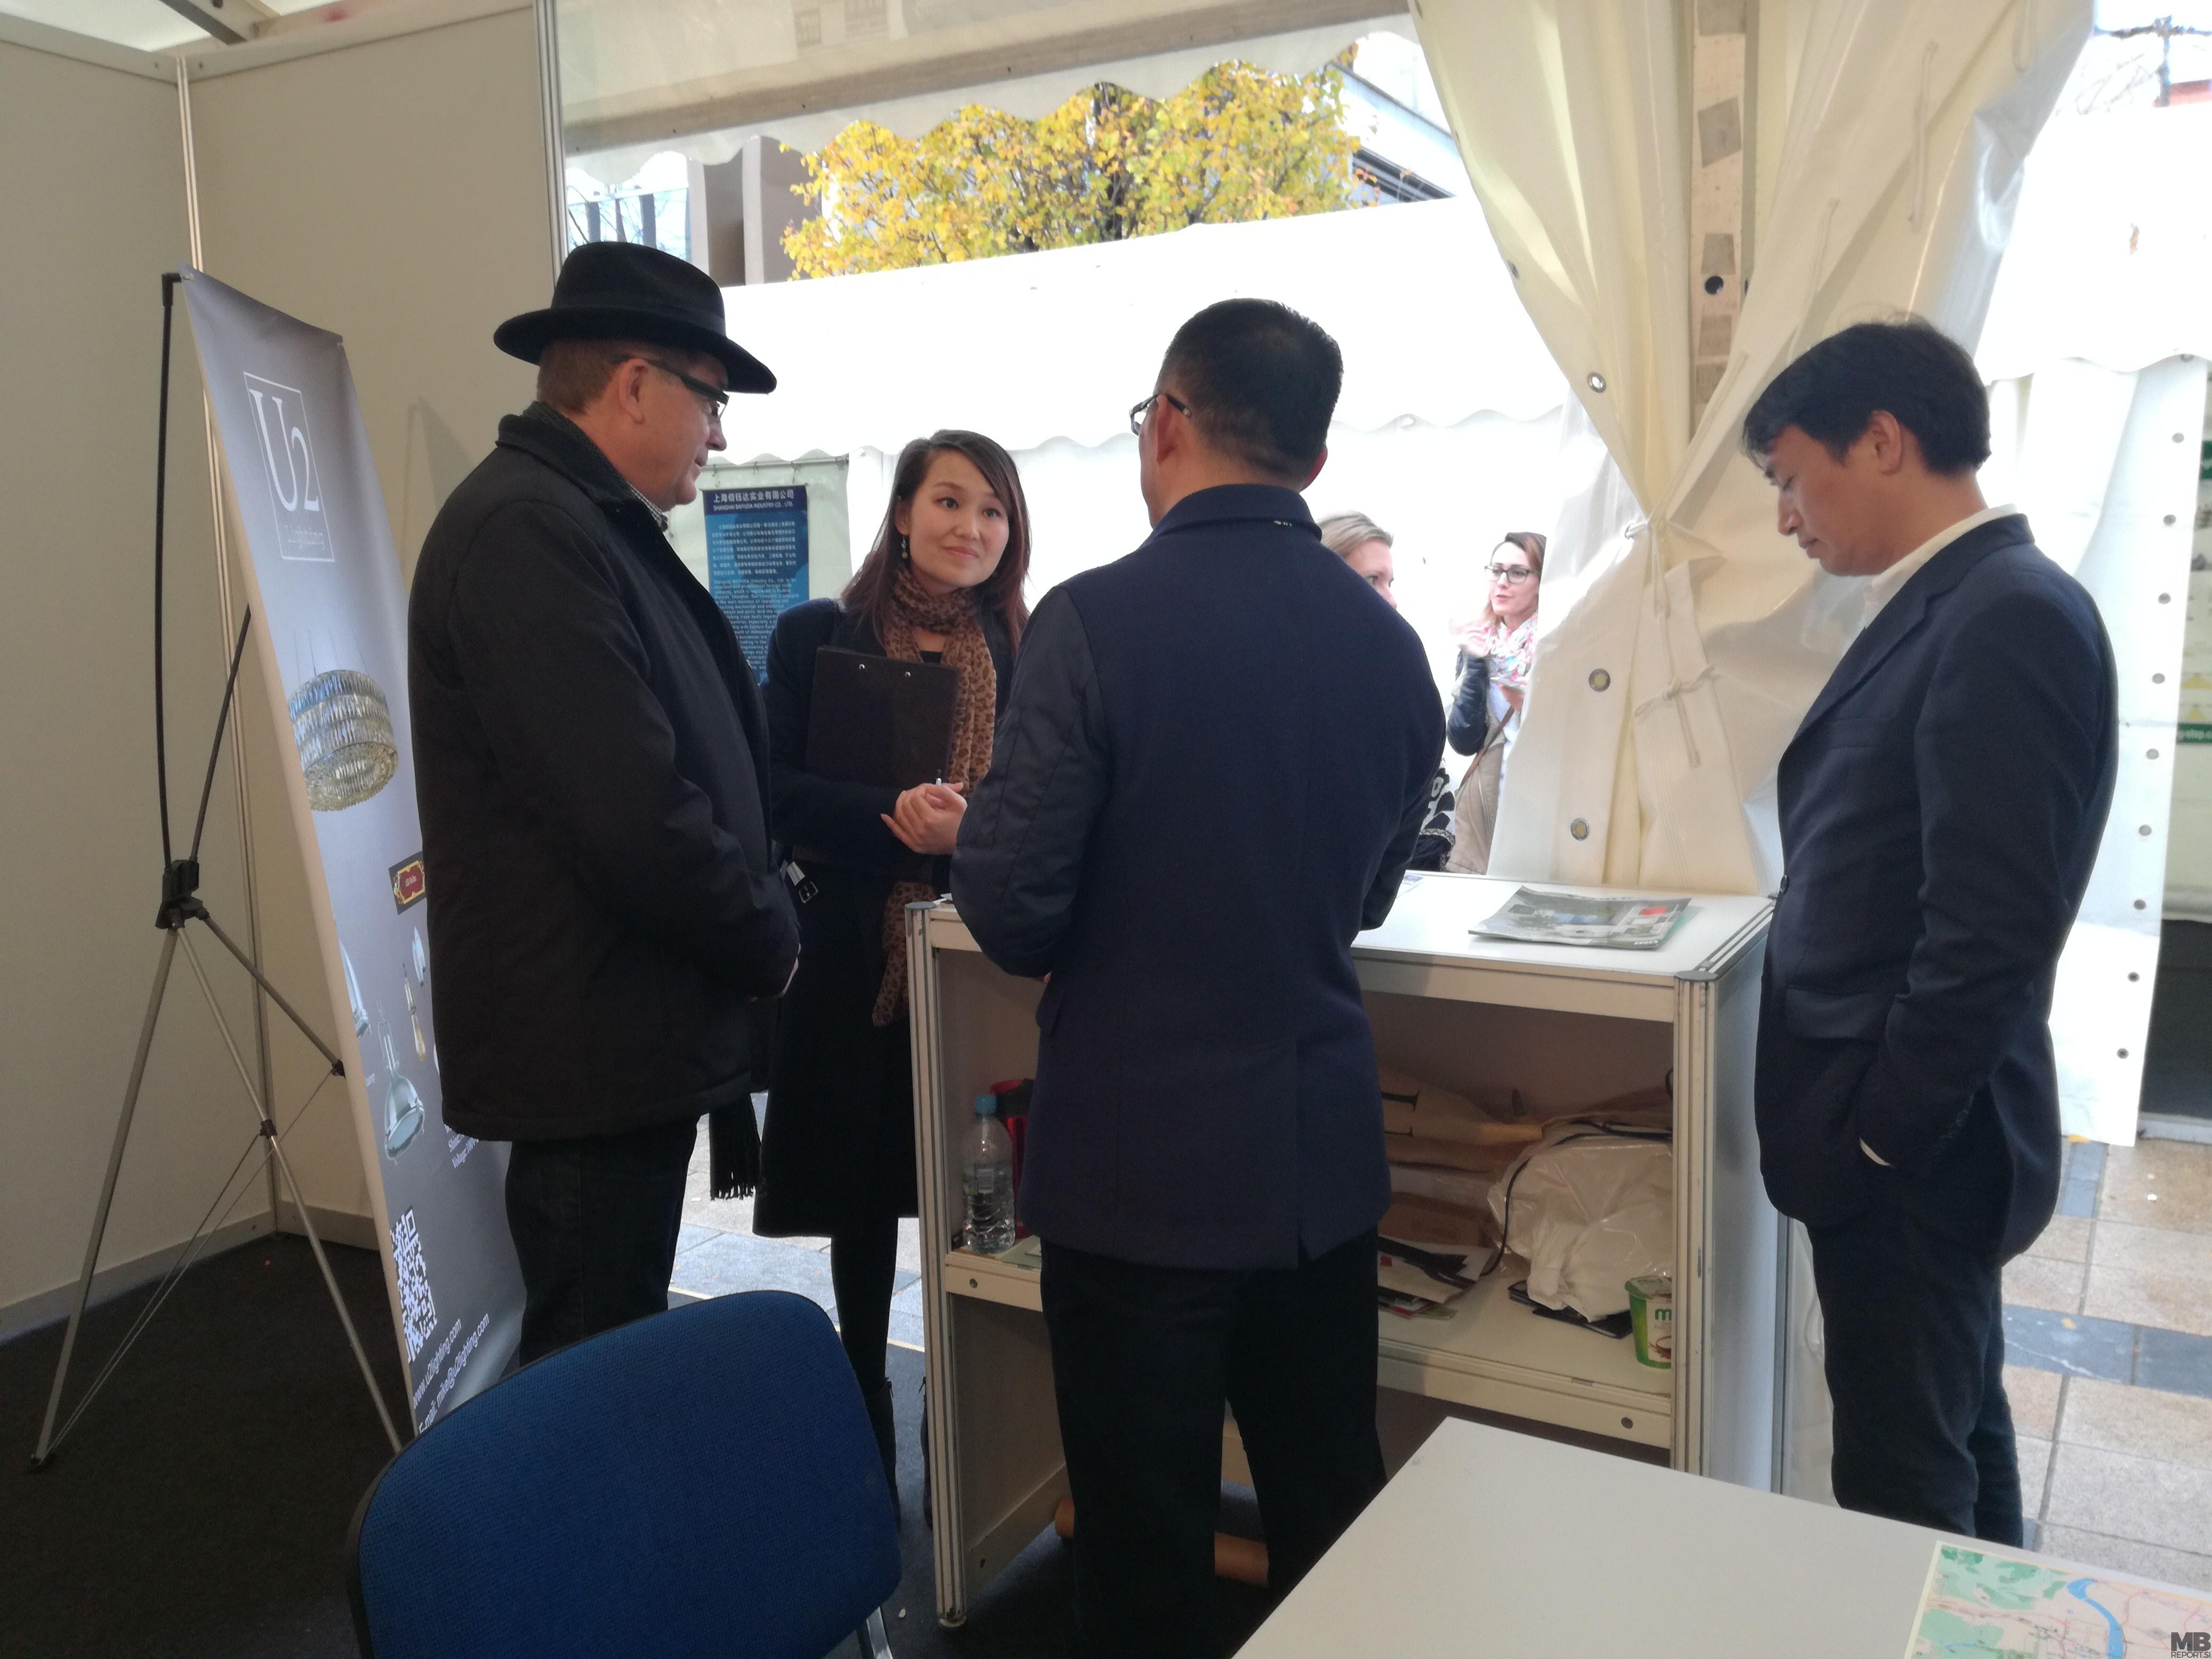 Župan Andrej Fištravec na pogovorih s kitajskimi podjetniki.